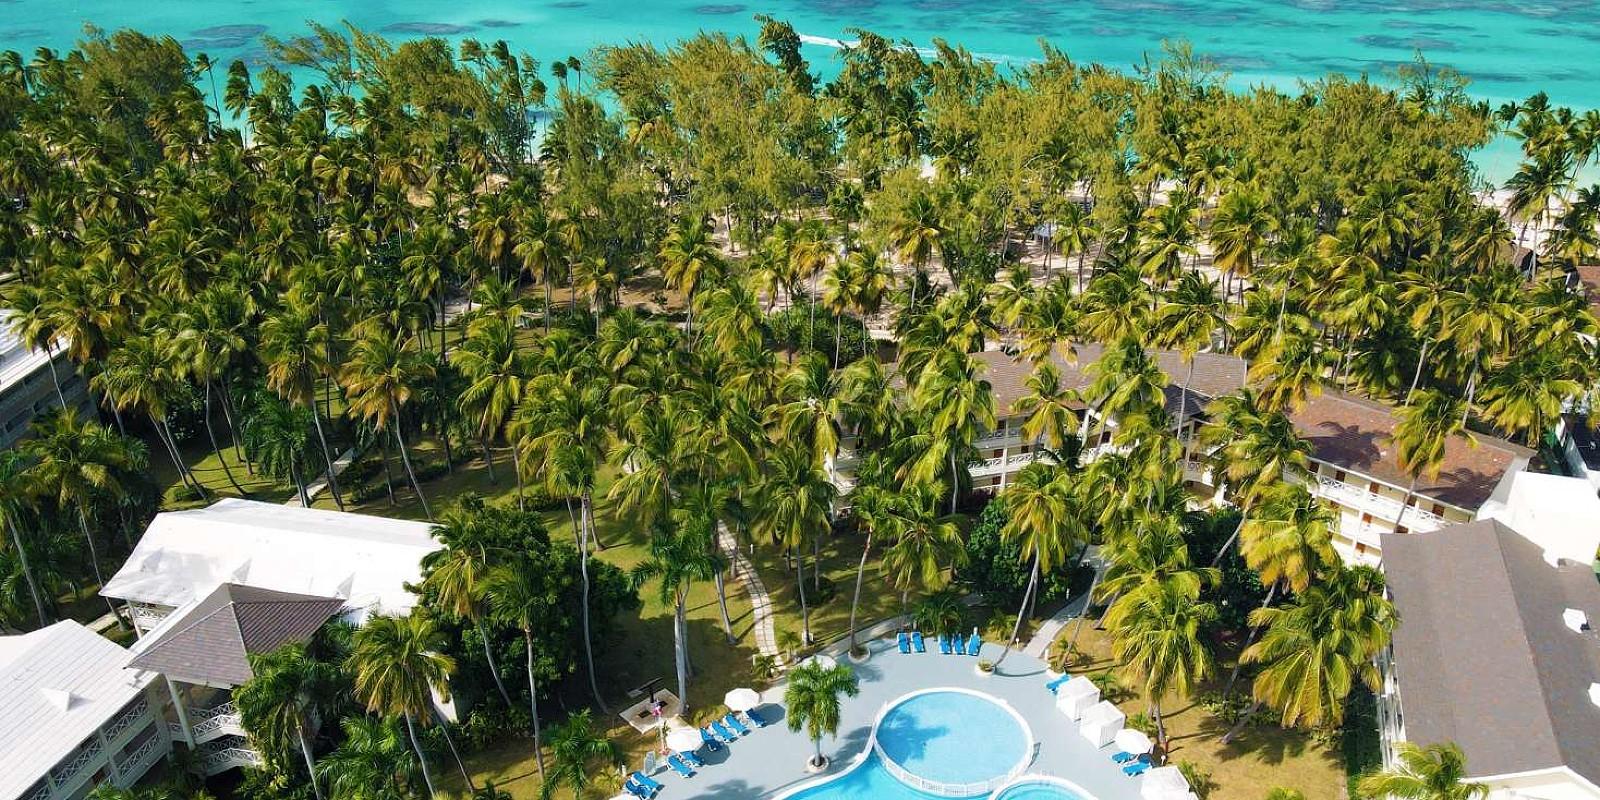 Travel blog: Vista Sol Punta Cana Resort & Spa: A Diamond Of A Dom Rep Island Escape